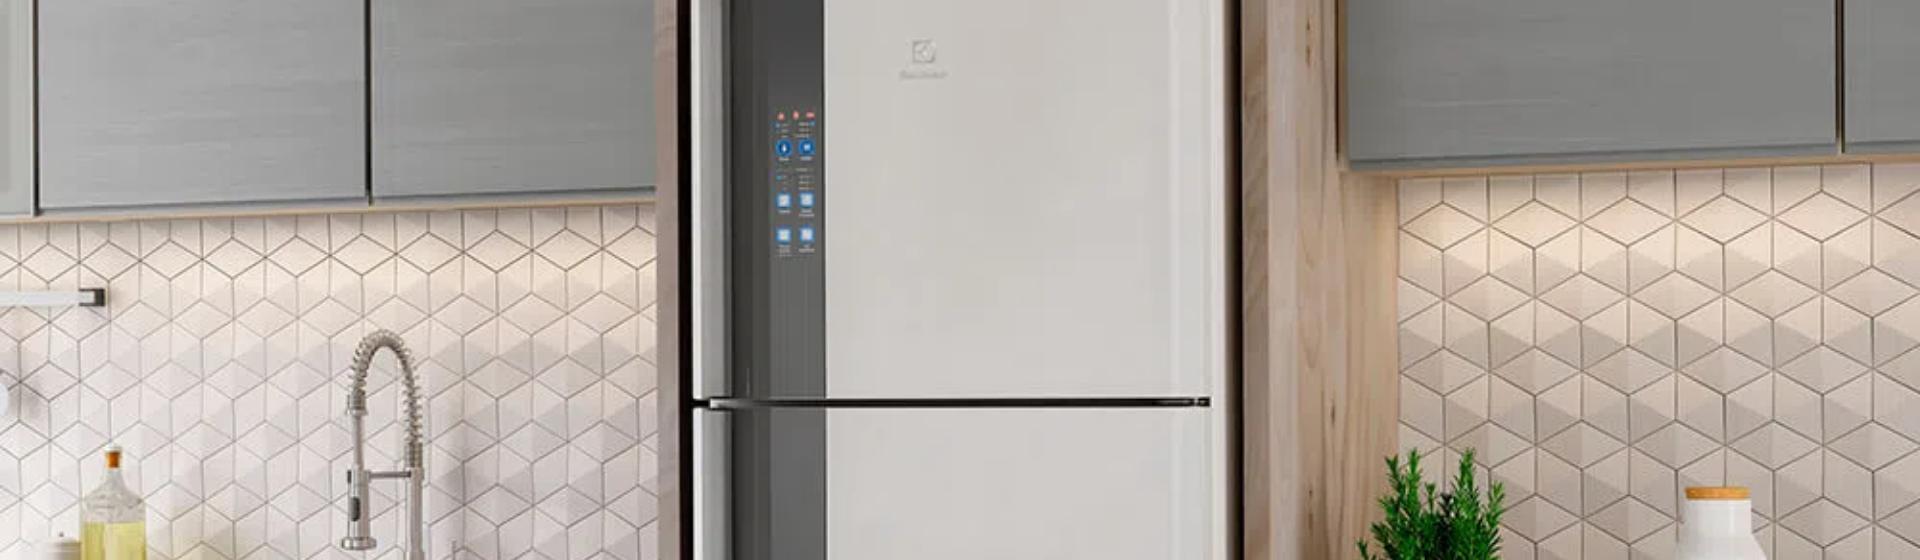 Geladeira Electrolux DF56: análise de ficha técnica e preço dos modelos